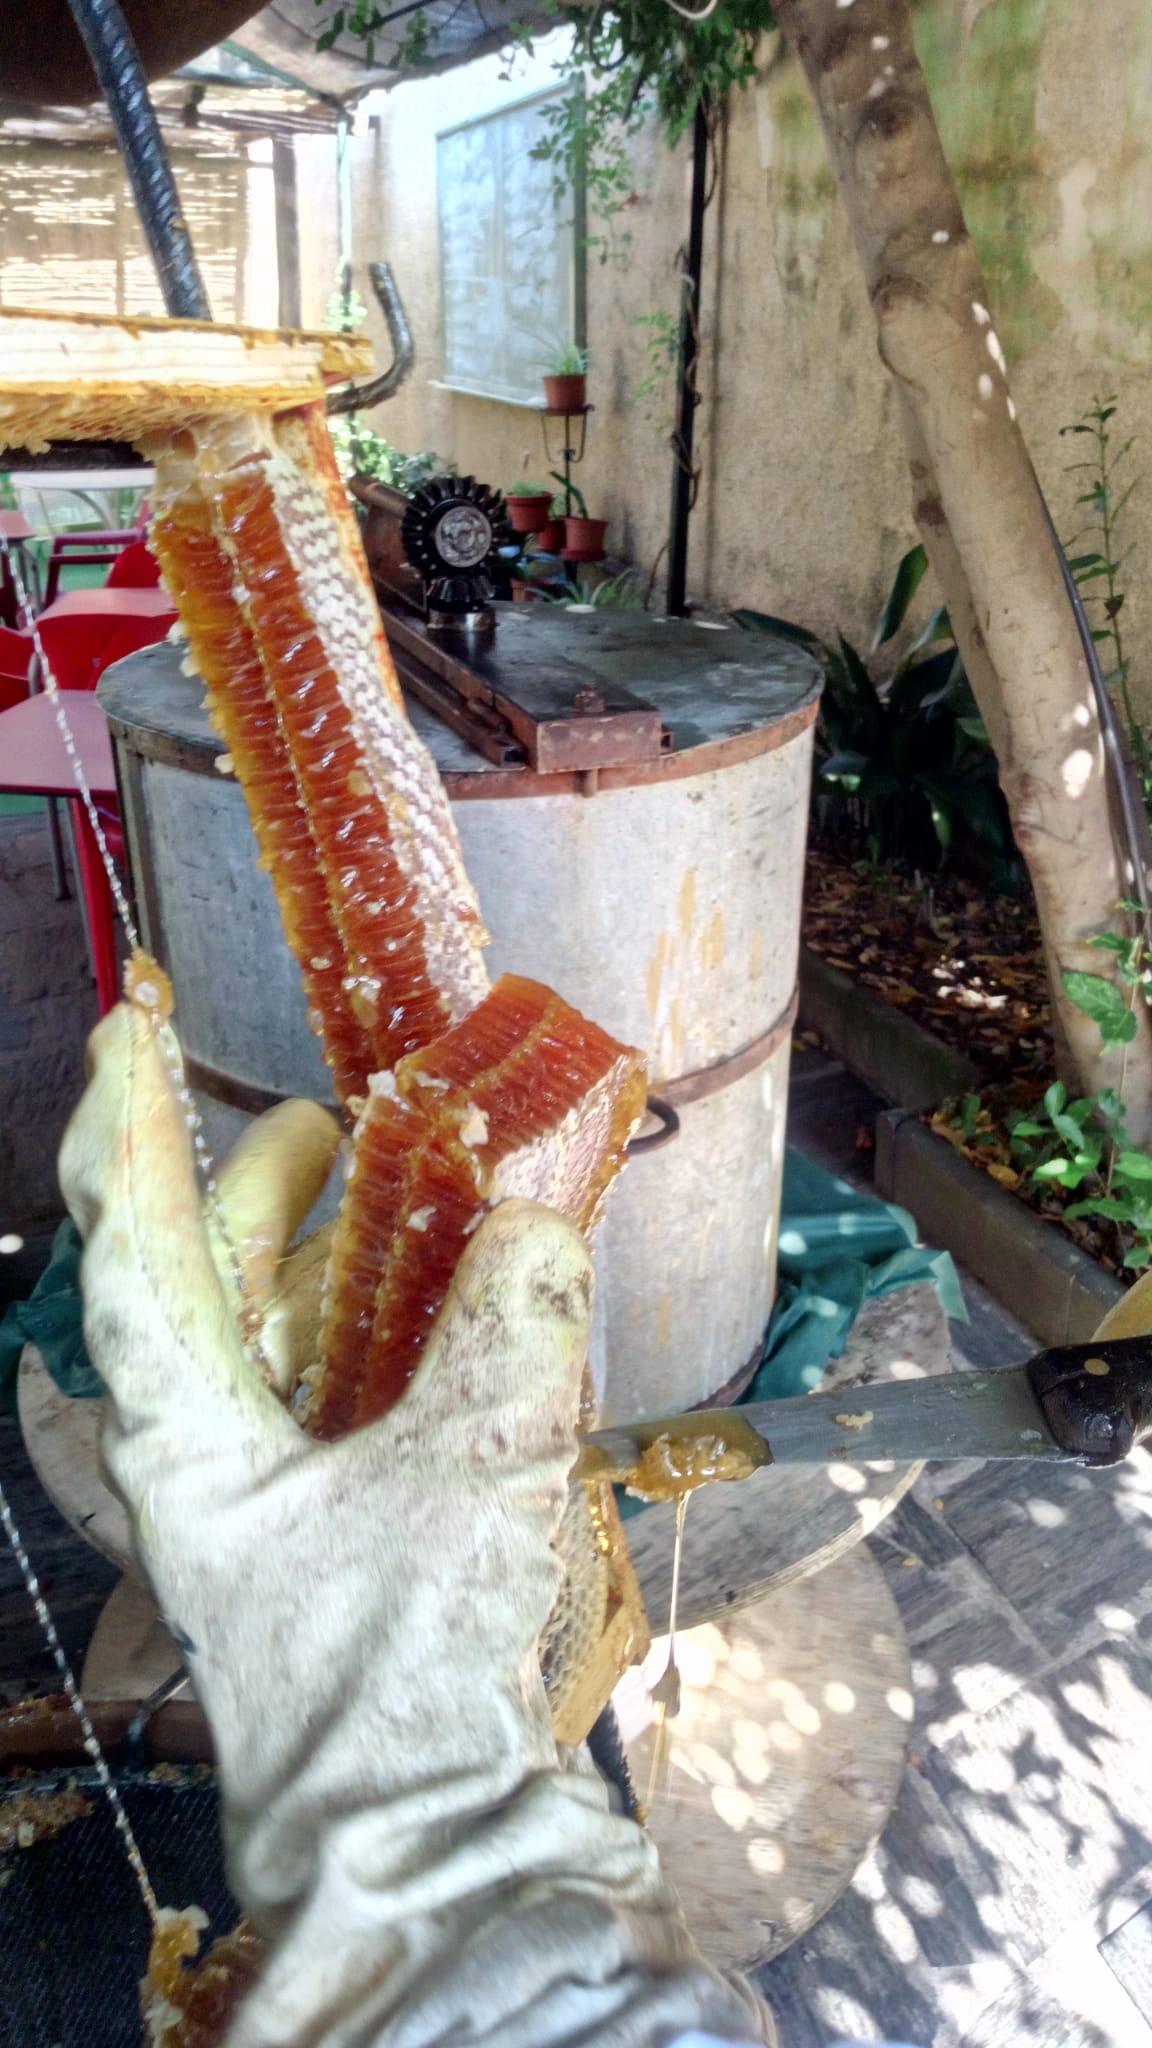 Miel de las Hurdes Restaurante en las Mestas Las Hurdes Casa Cirilo